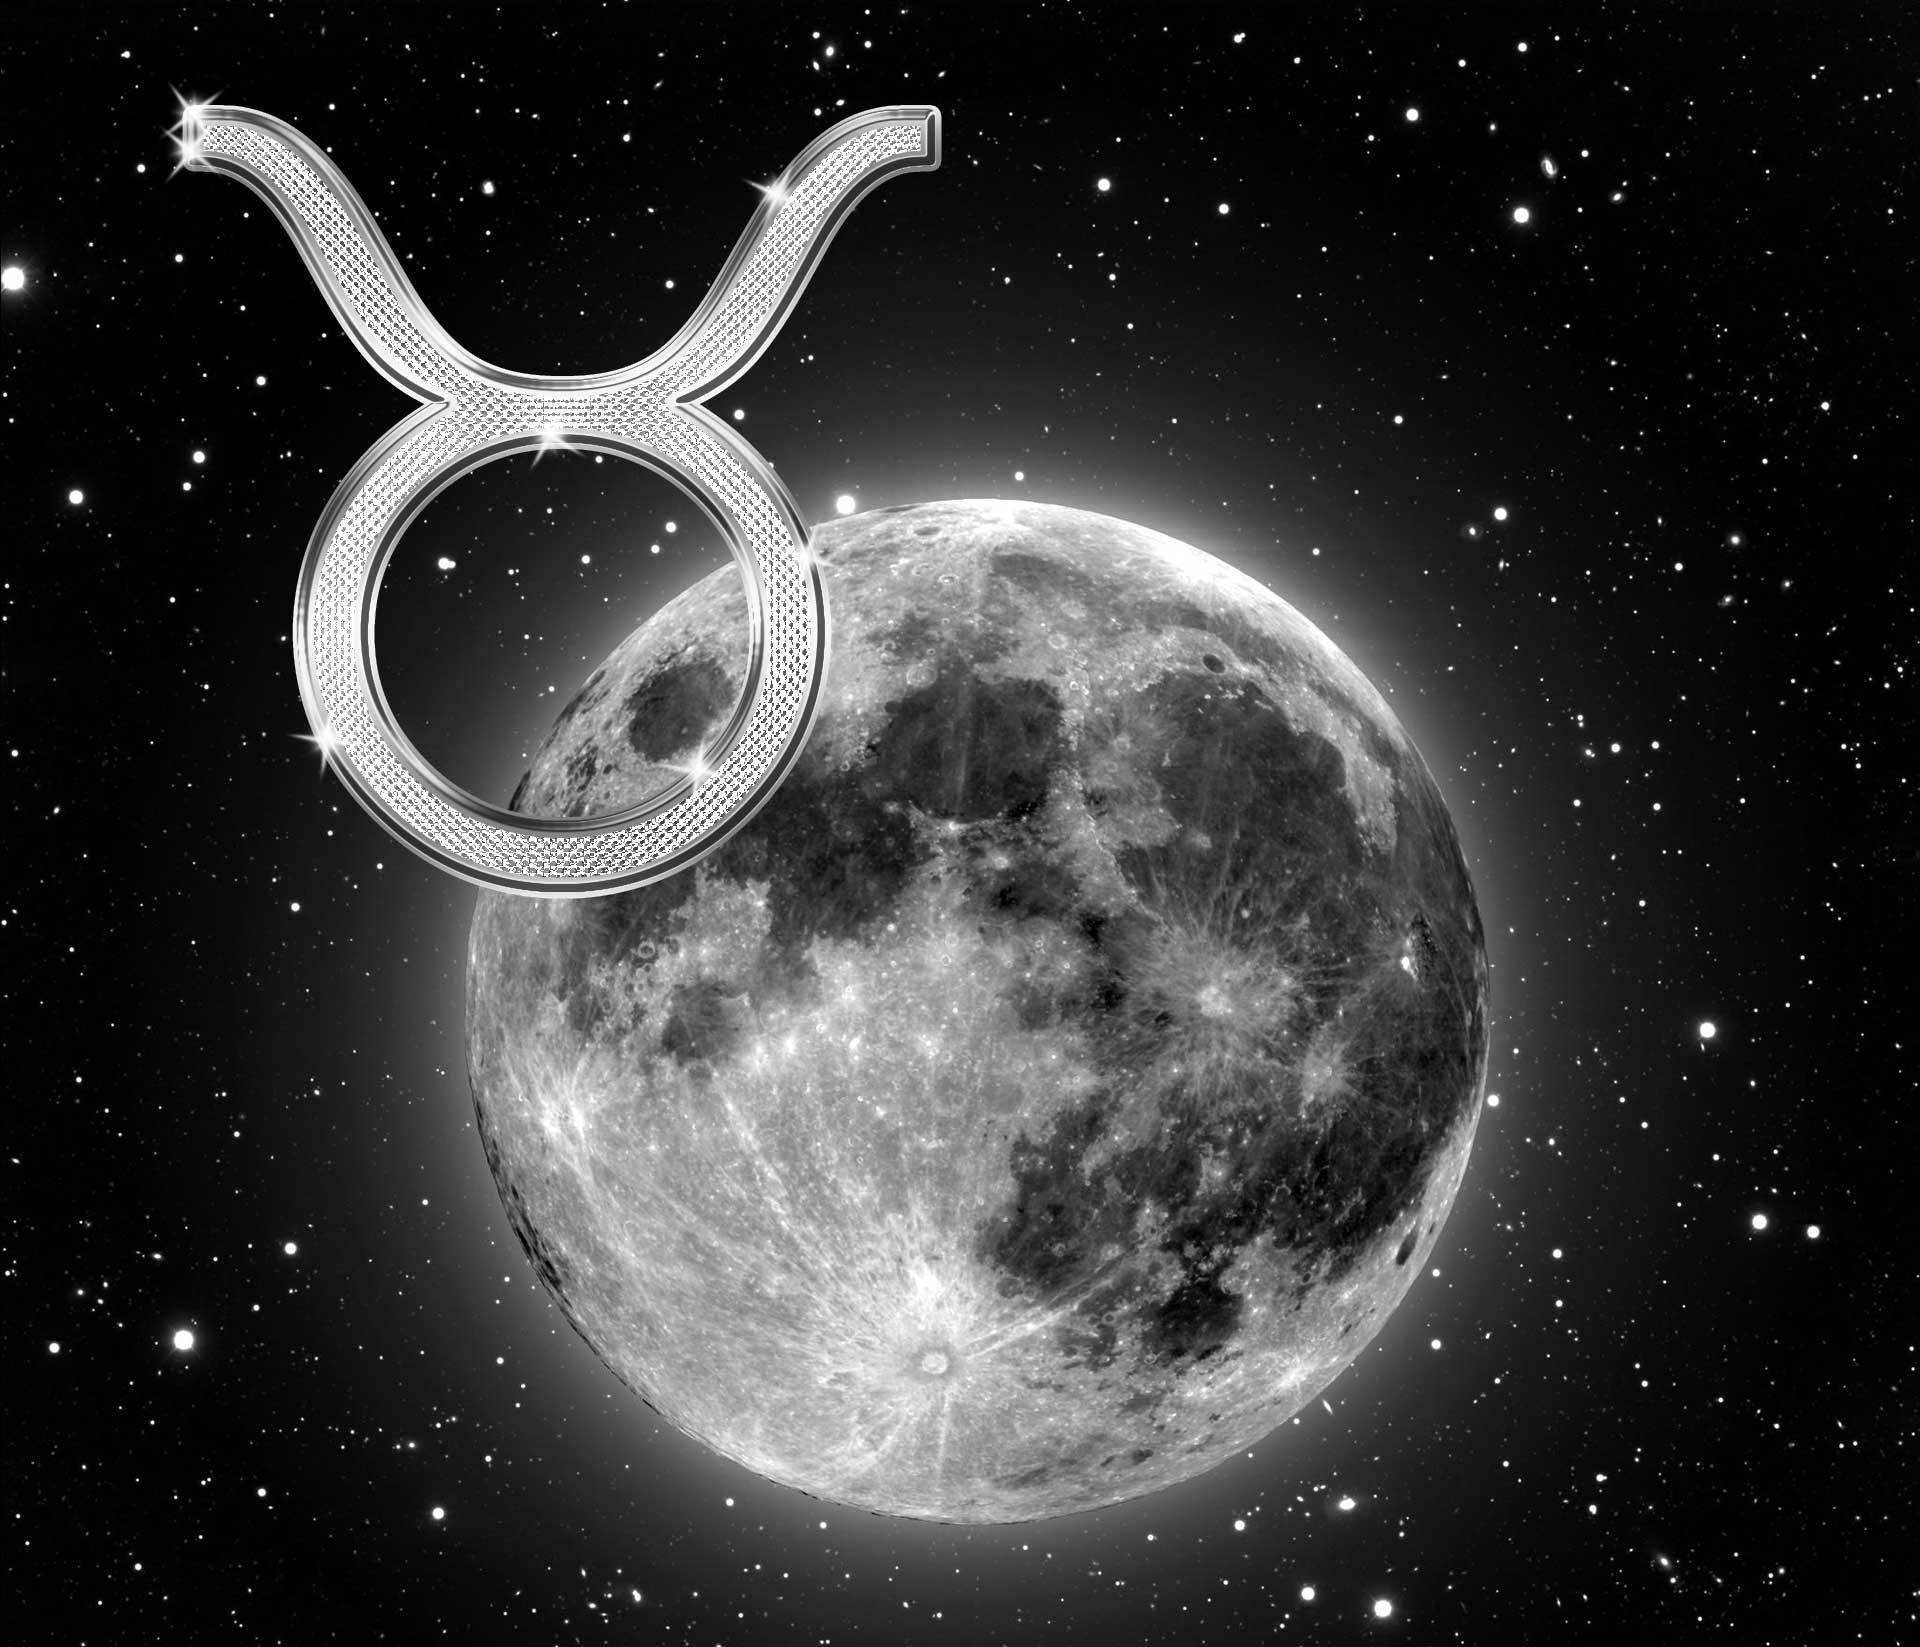 Если сказал, что прощает обиду, это не значит, что он ее забыл: у лунного льва хорошо развита интуиция, особенно в вопросах, связанных с выгодой и успехом.